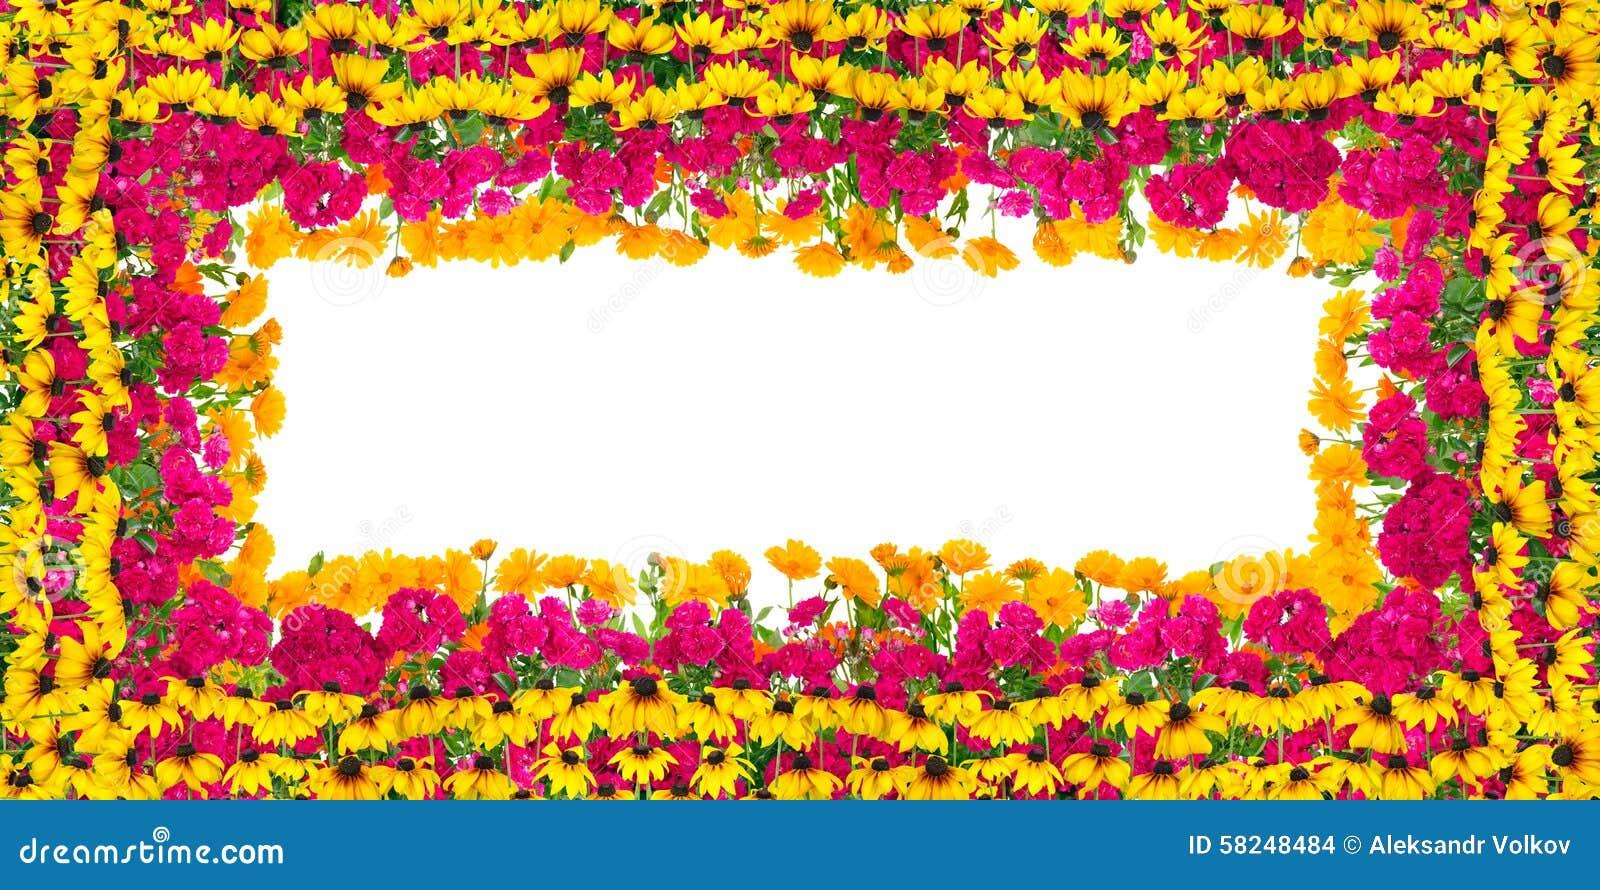 Geburtstag Bluht Rahmen Stockfoto Bild Von Blumen Dekorativ 58248484